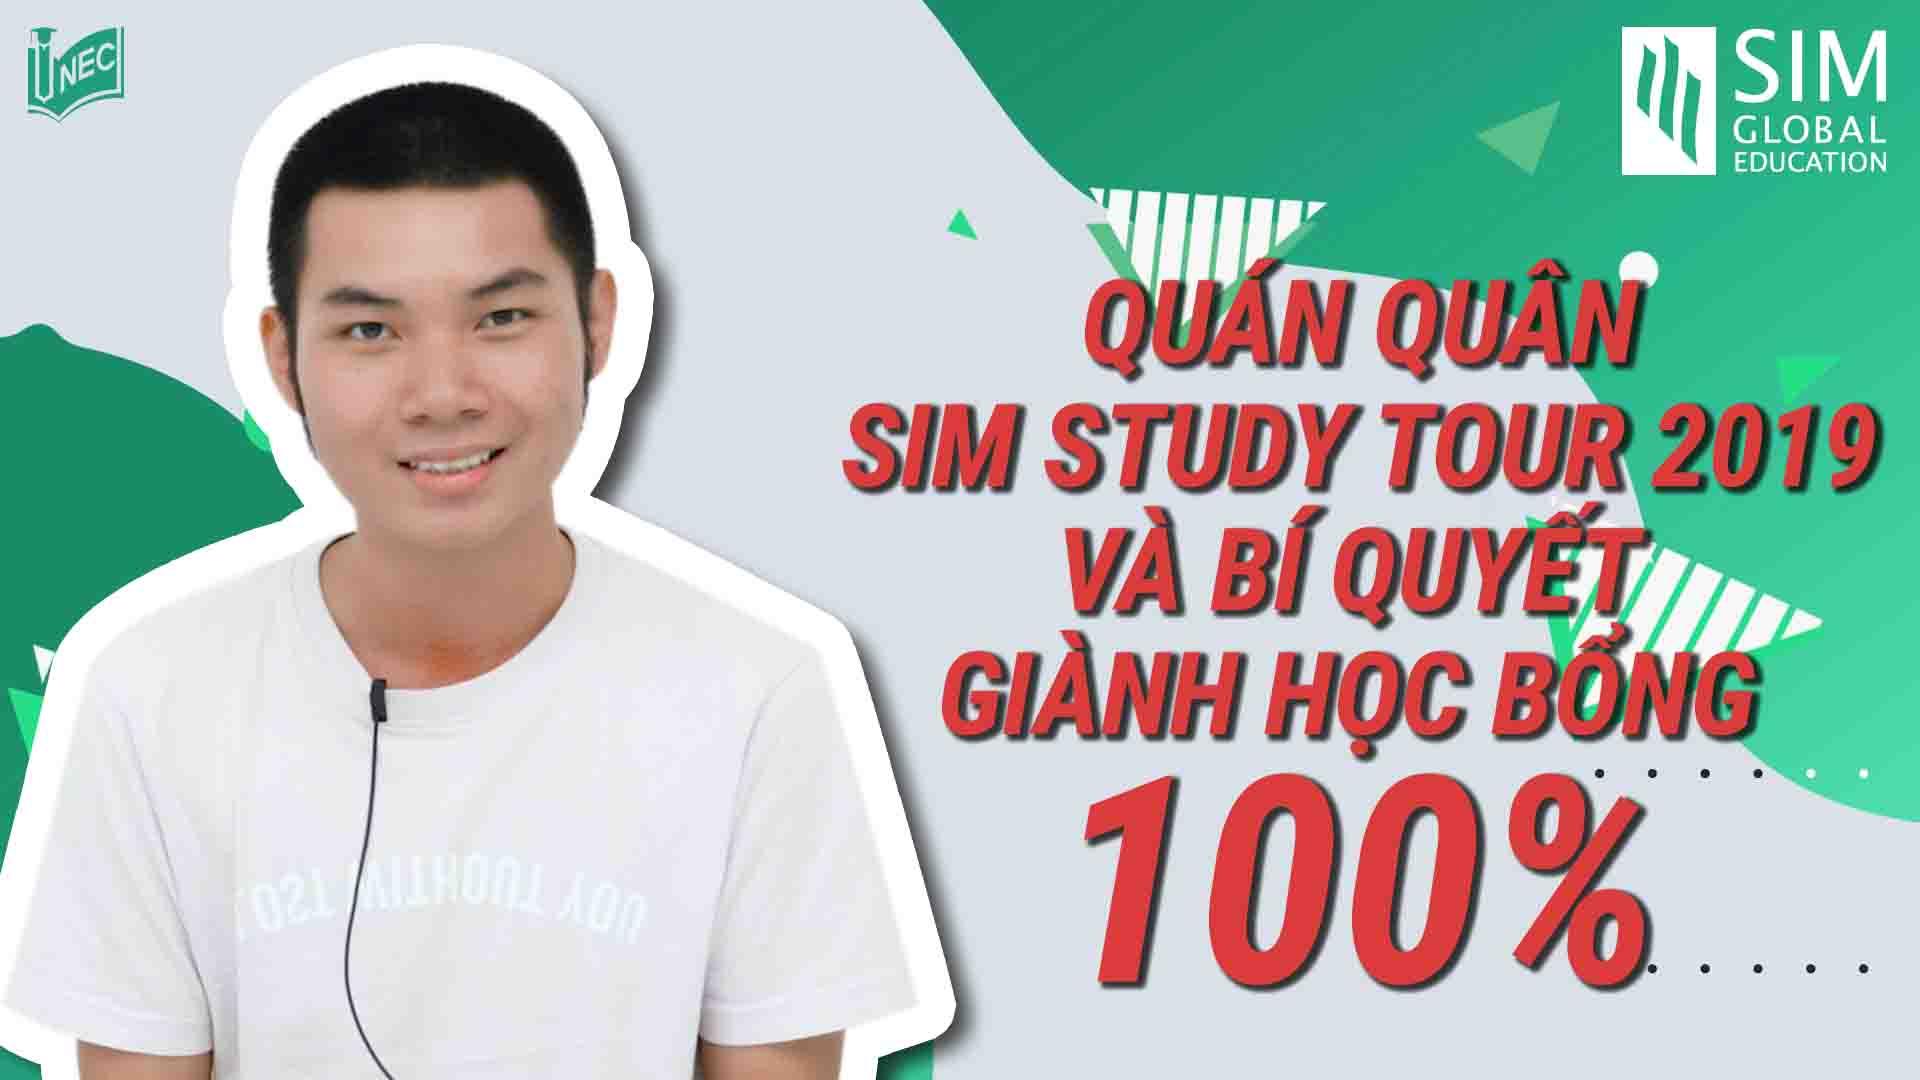 """SIM Study Tour là chương trình du học hè Singapore cho phép học sinh tuổi từ 15-17 trải nghiệm hành trình 7 ngày làm du học sinh và khám phá Singapore xinh đẹp. Để tham gia chương trình miễn phí, bạn có thể """"săn"""" học bổng 100% SIM Study Tour từ cuộc thi """"Viết essay, nhận ngay học bổng"""" do INEC - Đại diện tuyển sinh xuất sắc của SIM tổ chức. Nhằm giúp các bạn có sự chuẩn bị tốt nhất và tối đa hóa cơ hội học bổng, bạn Nguyễn Tấn Thành, quê Phú Yên, người đã xuất sắc giành được giải thưởng cao nhất chia sẻ về cuộc thi và bí quyết giành học bổng.   Ngoài ra, bạn cơ hội khác để sở hữu suất học bổng 100% SIM Study Tour 2020 khi tham dự SIM Open Day do Học viện SIM phối hợp với INEC tổ chức tới đây, lúc 9h Chủ nhật ngày 04/08/2019, tại Khách sạn Liberty Central Riverside Saigon, 17 Tôn Đức Thắng, Q. 1, TP. HCM. Tại đây, học sinh sẽ được lựa chọn ngầu nhiên, tham gia phỏng vấn với đại diện trường cho suất học bổng nêu trên. Đăng ký tham dự SIM Open Day qua hotline 093 409 8883. Mọi thắc mắc có thể liên hệ INEC để được tư vấn thêm. Công ty Du học INEC • Tổng đài: 1900 636 990 • Hotline KV miền Bắc và Nam: 093 409 3311 - 093 409 4411 • Hotline KV miền Trung: 093 409 9070  • Email: inec@inec.vn"""